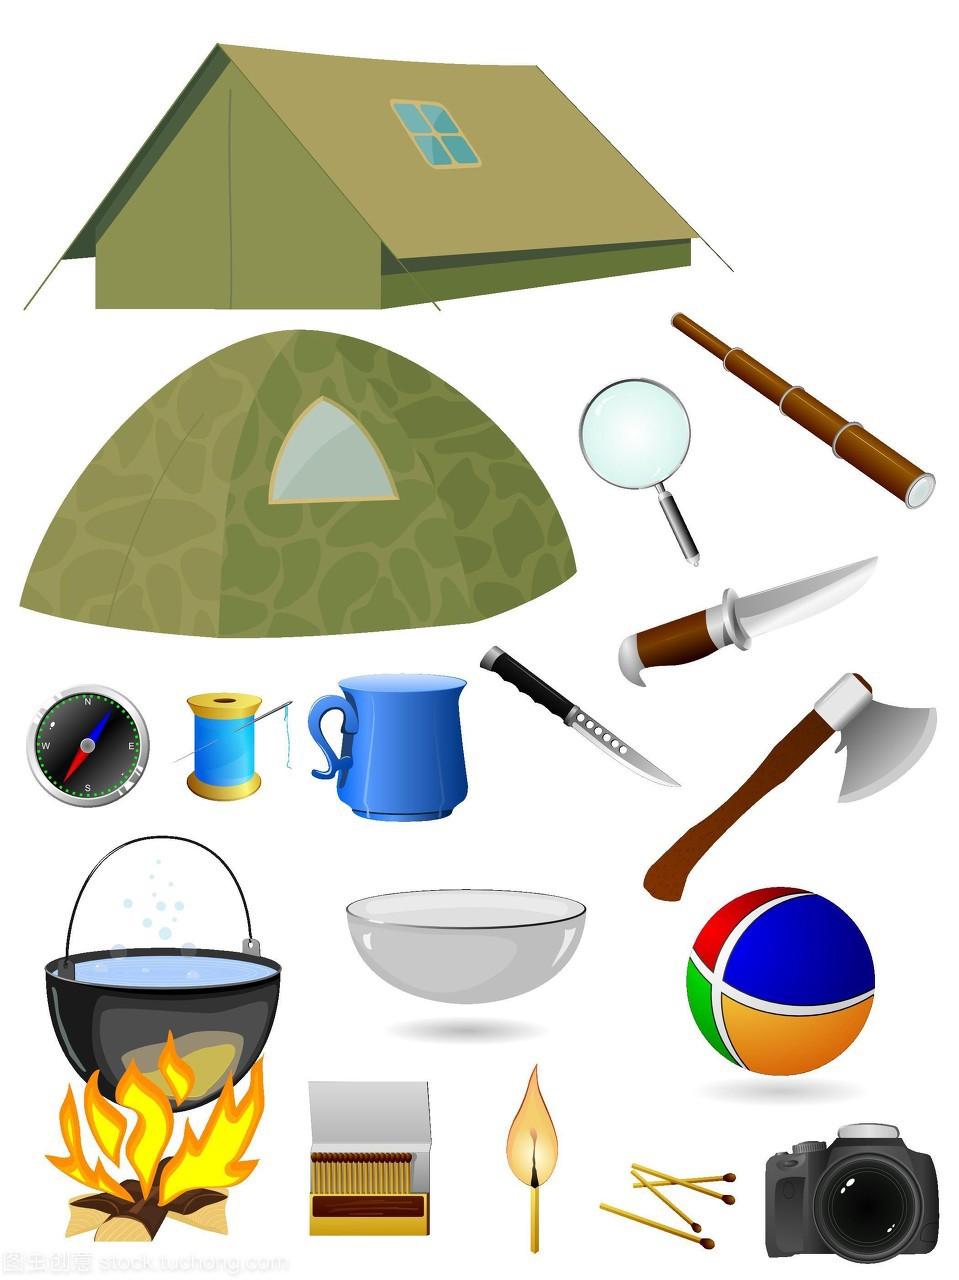 刀,季节,咖啡杯,图纸,壶,奖杯,v季节,刀子,a季节,孤科技创意设计图纸图片